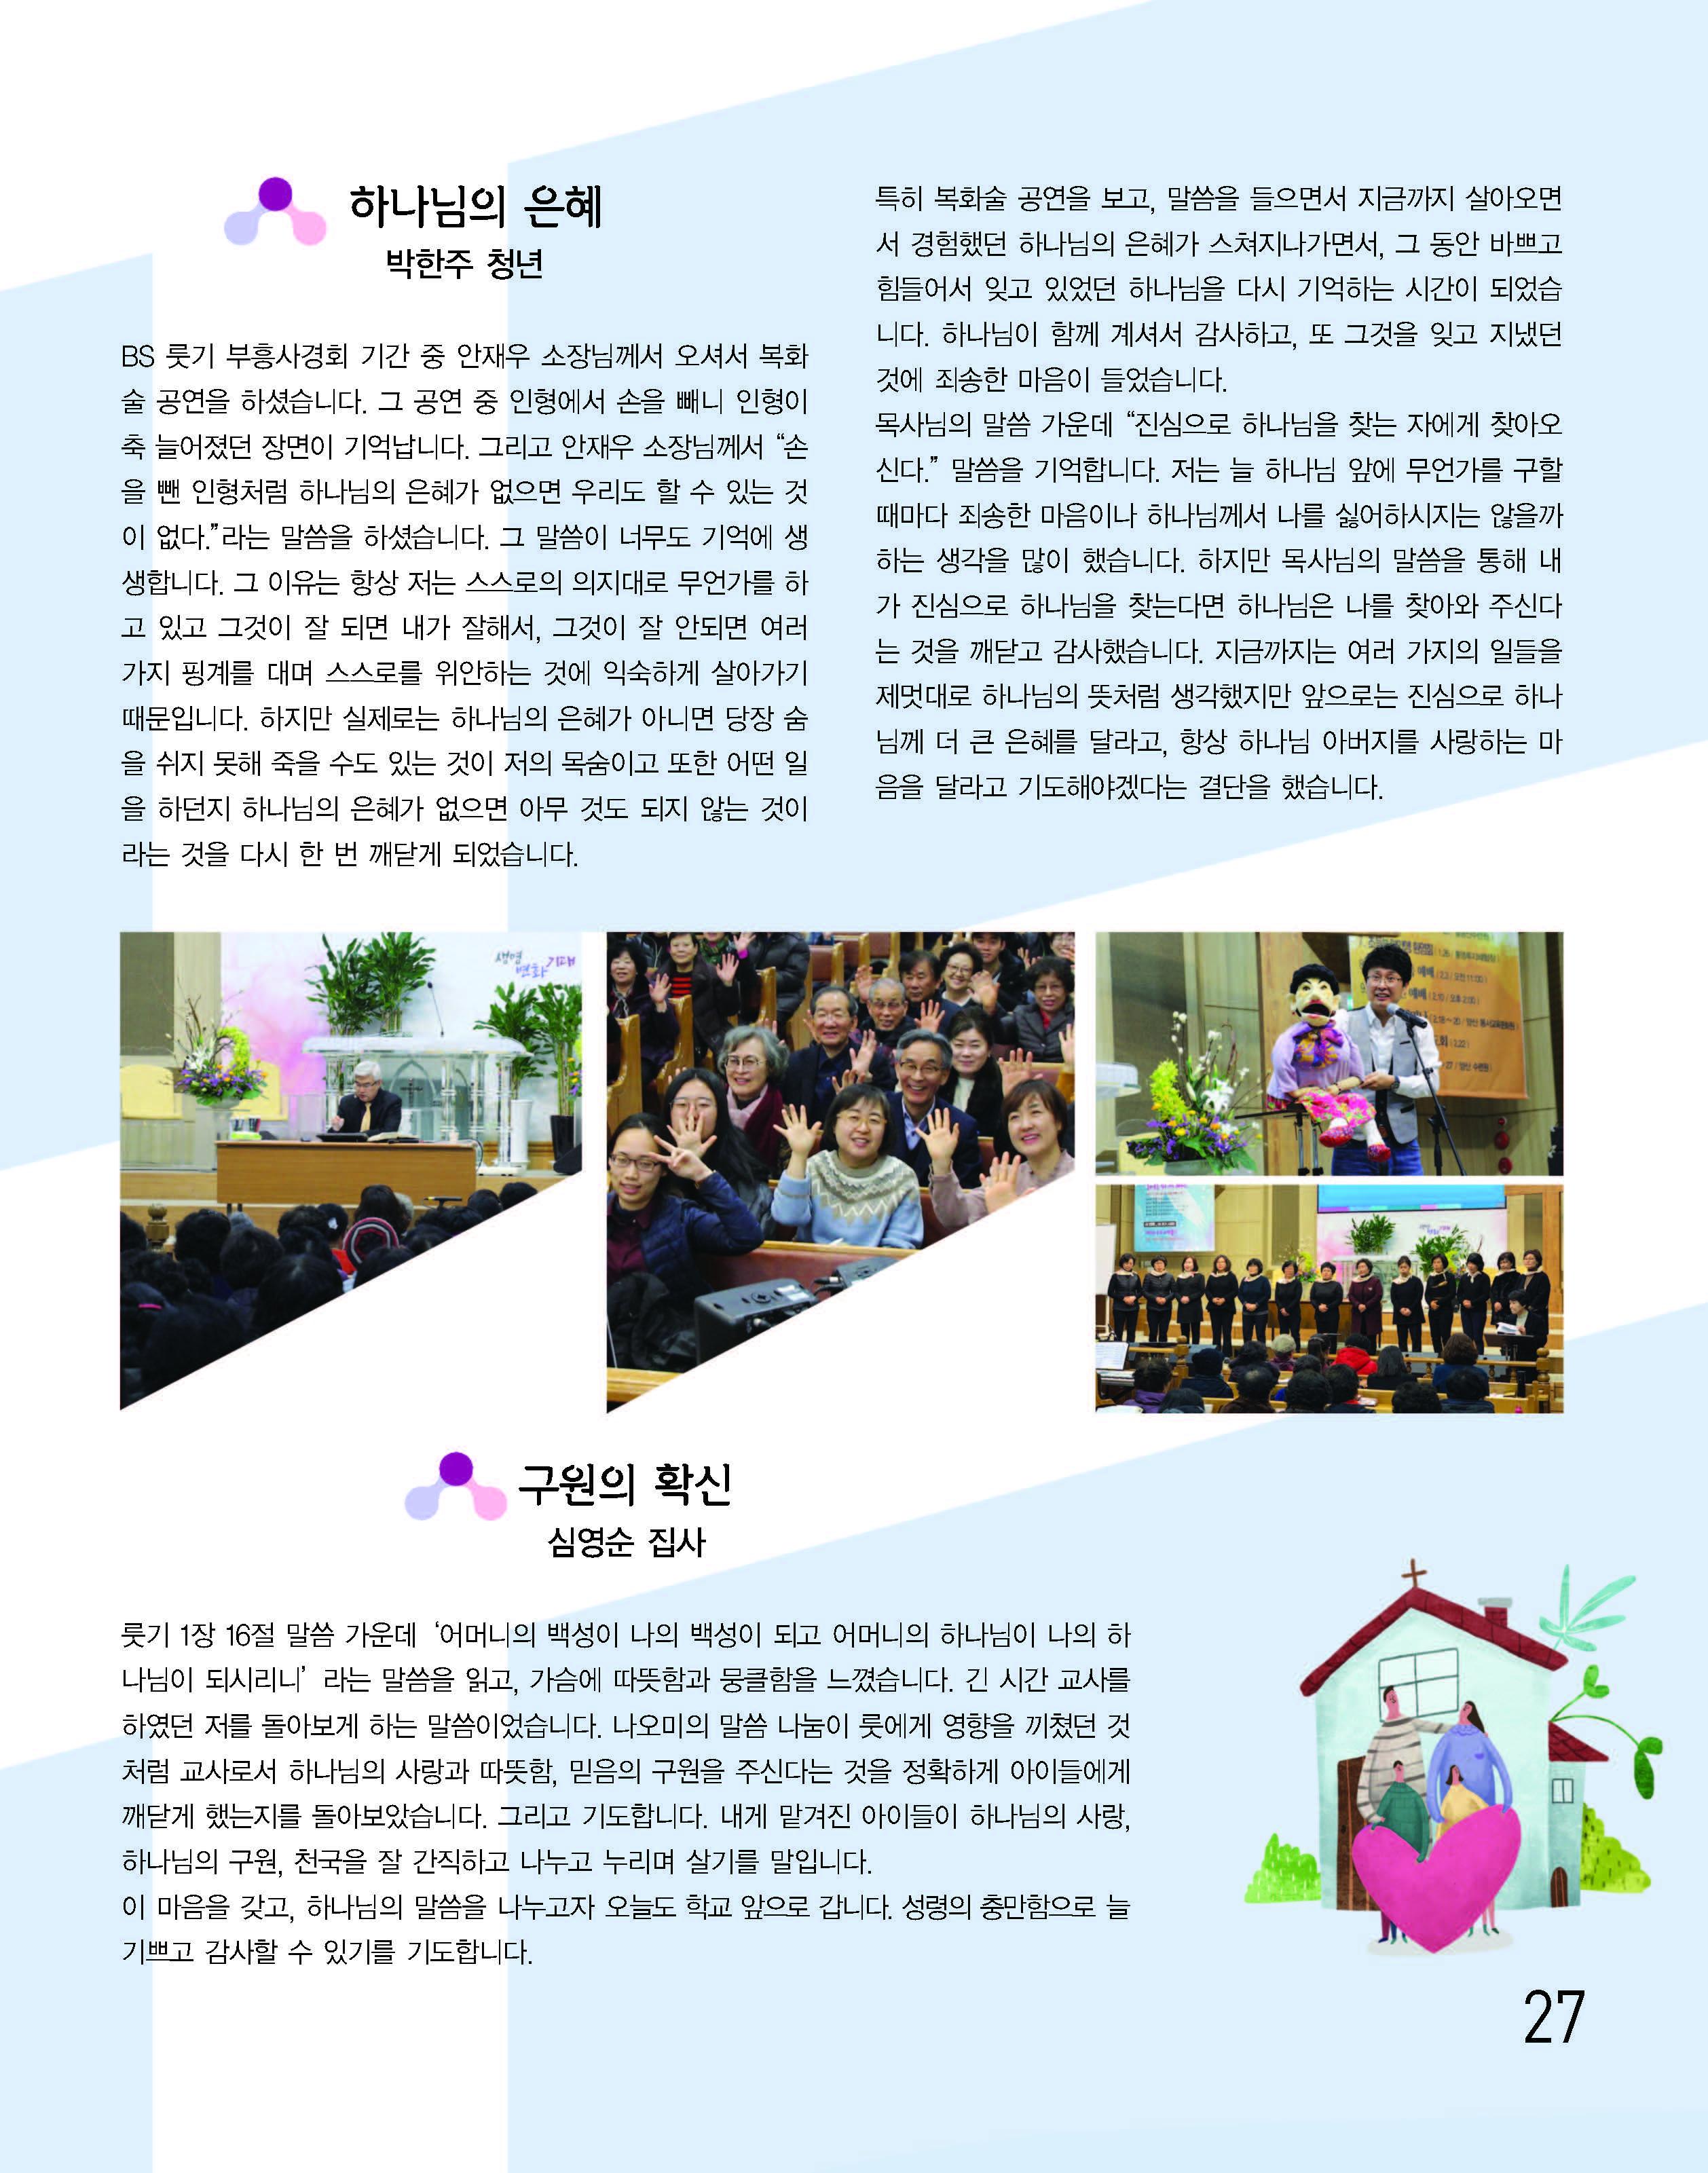 은혜로25홈피용_Page_27.jpg